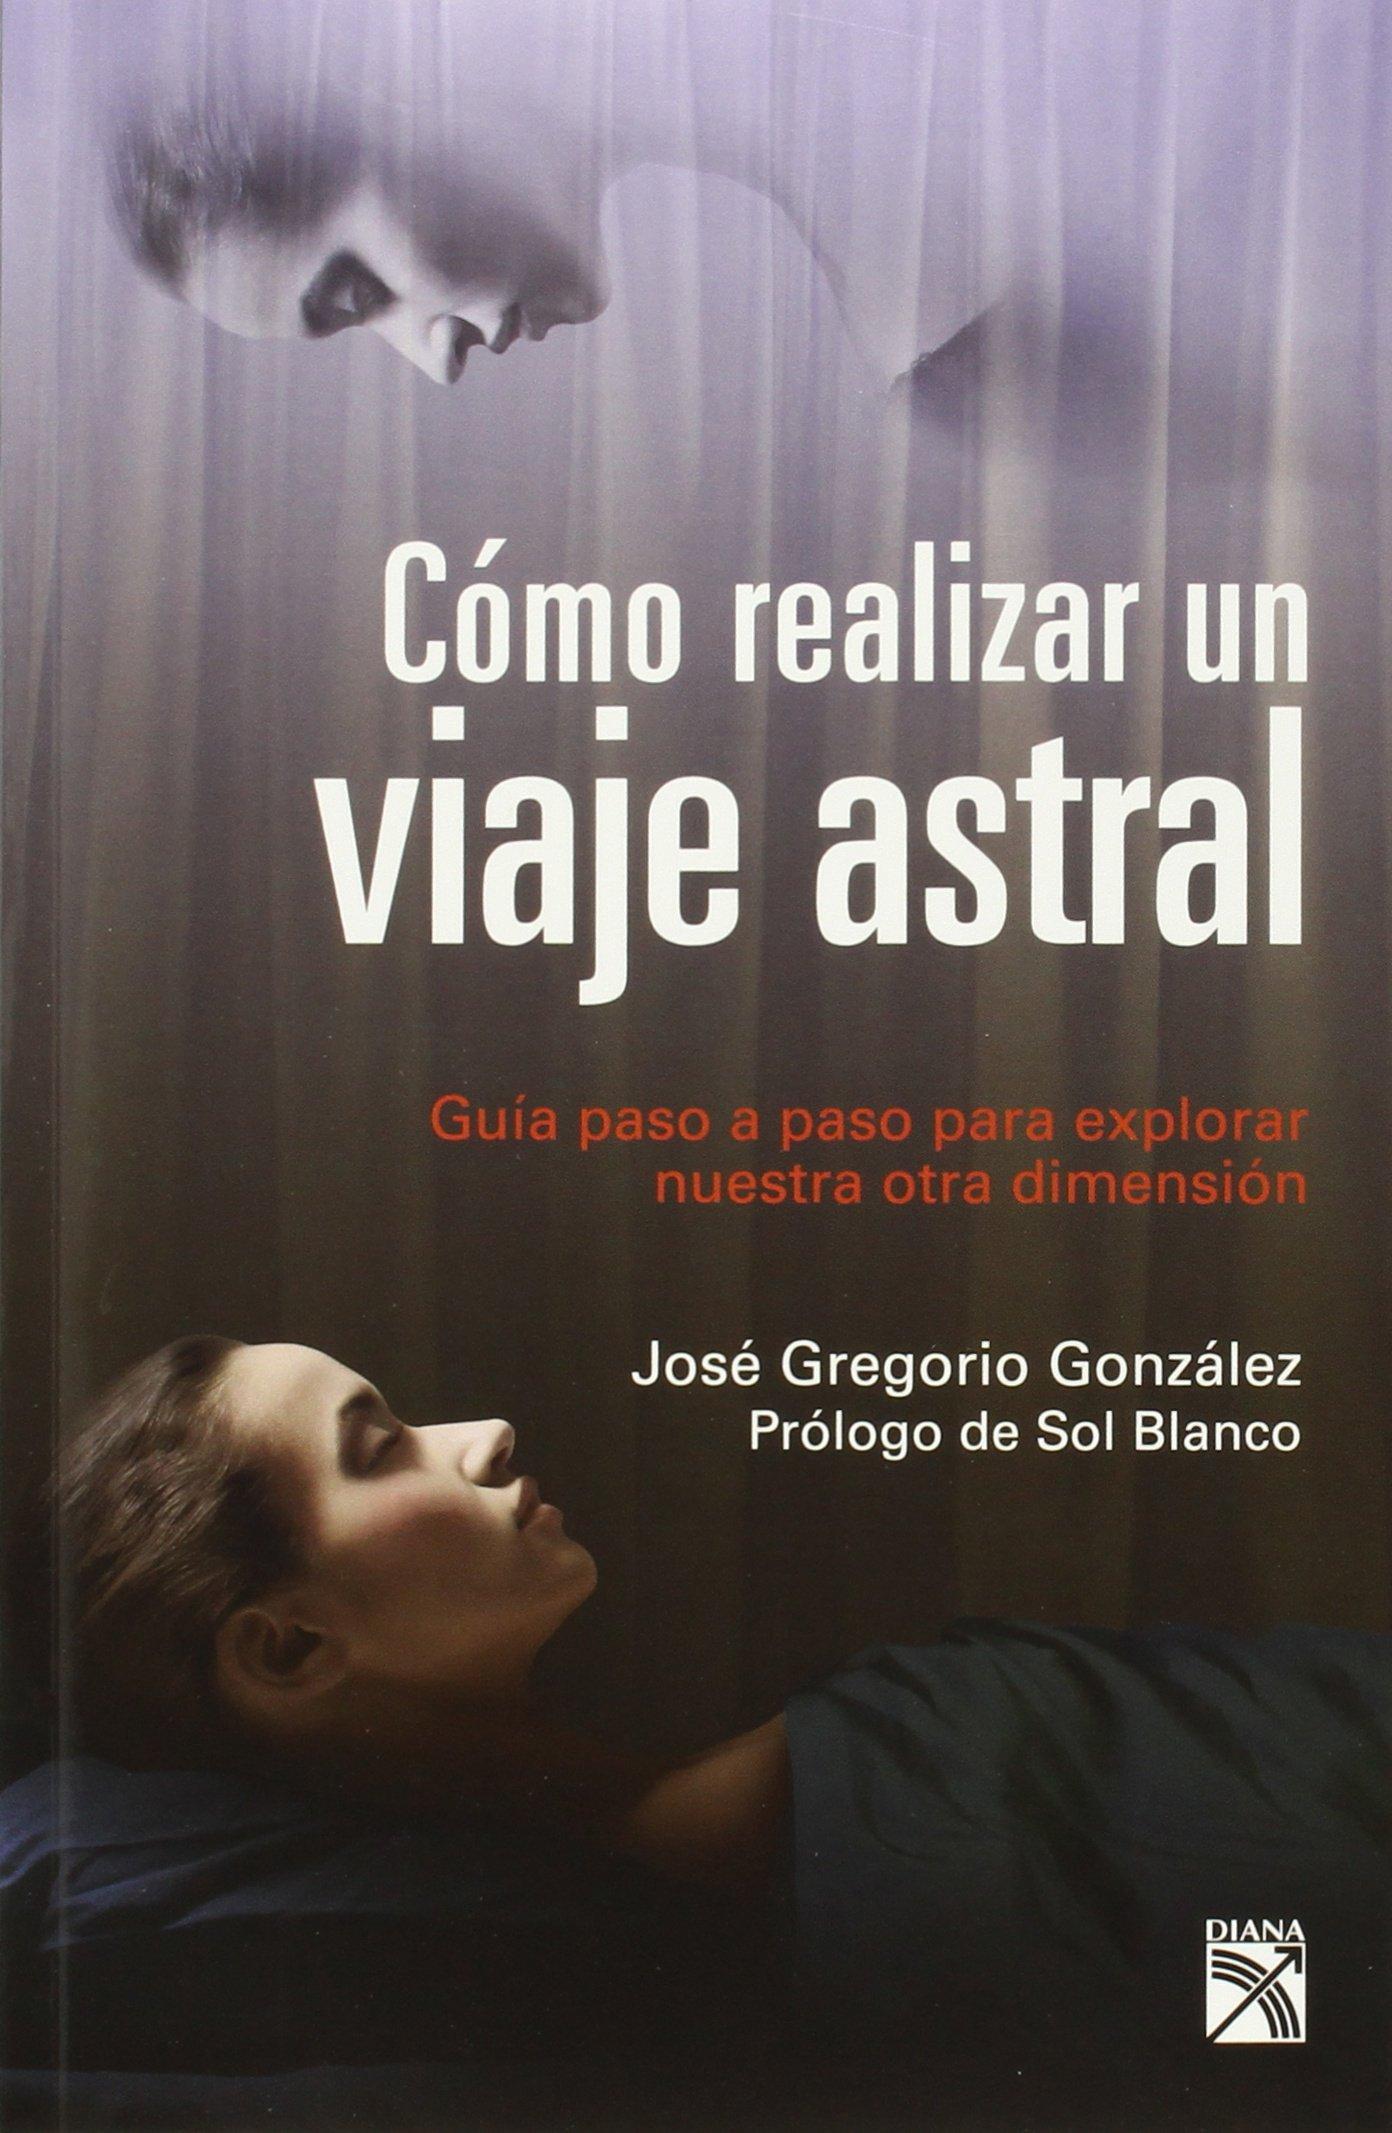 Como realizar un viaje astral (Spanish Edition)